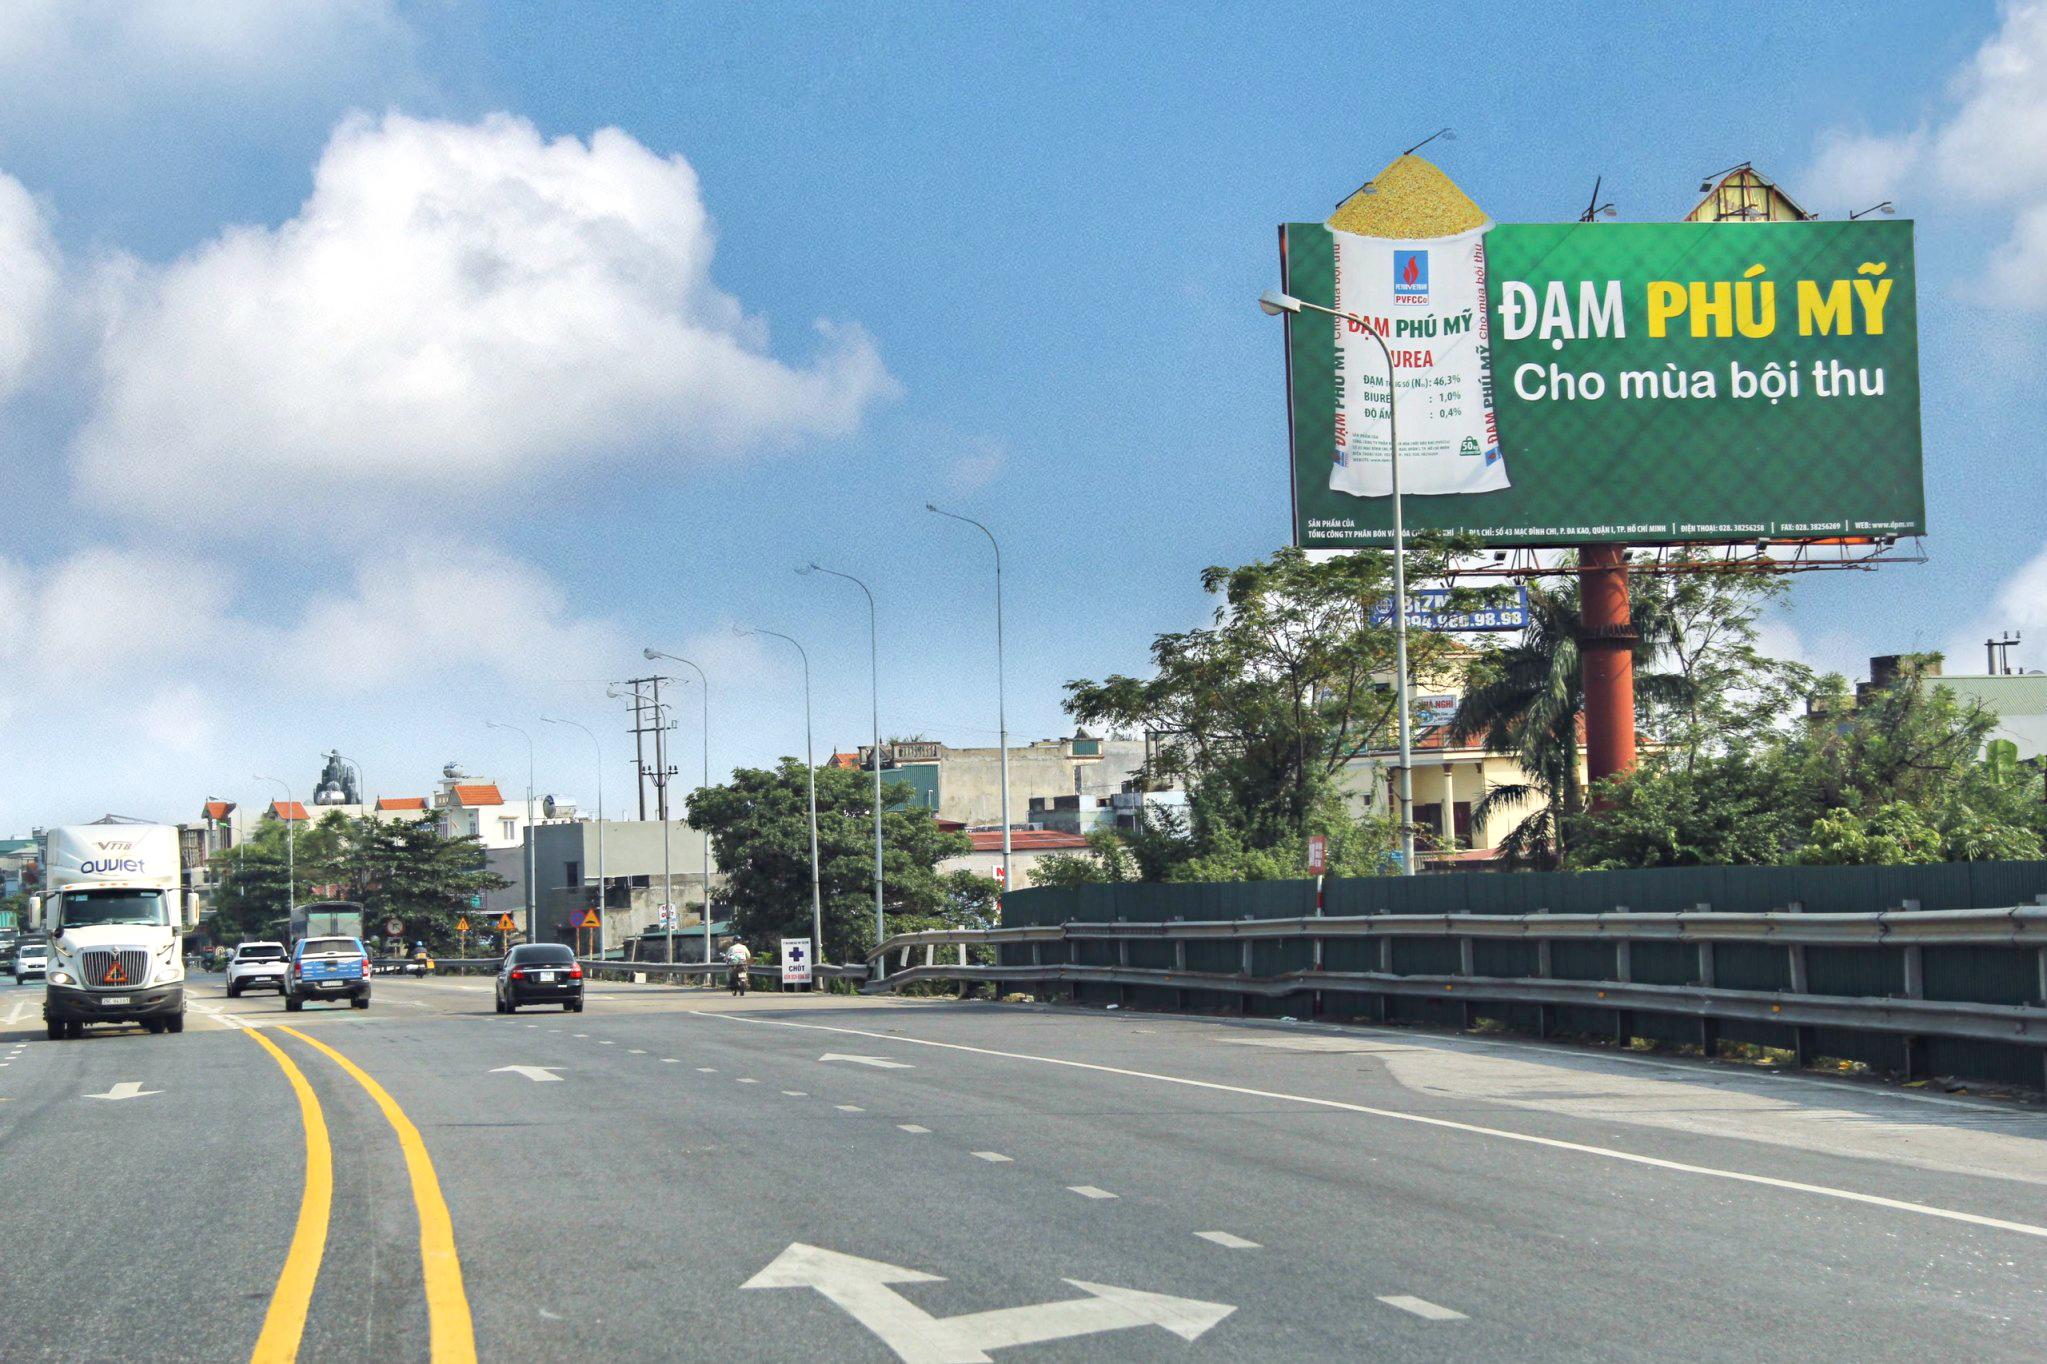 Vị trí Km98 +430: Trạm thu phí Cầu Tân Đệ, QL10 tuyến Nam Định – Thái Bình, đoạn qua tỉnh Thái Bình